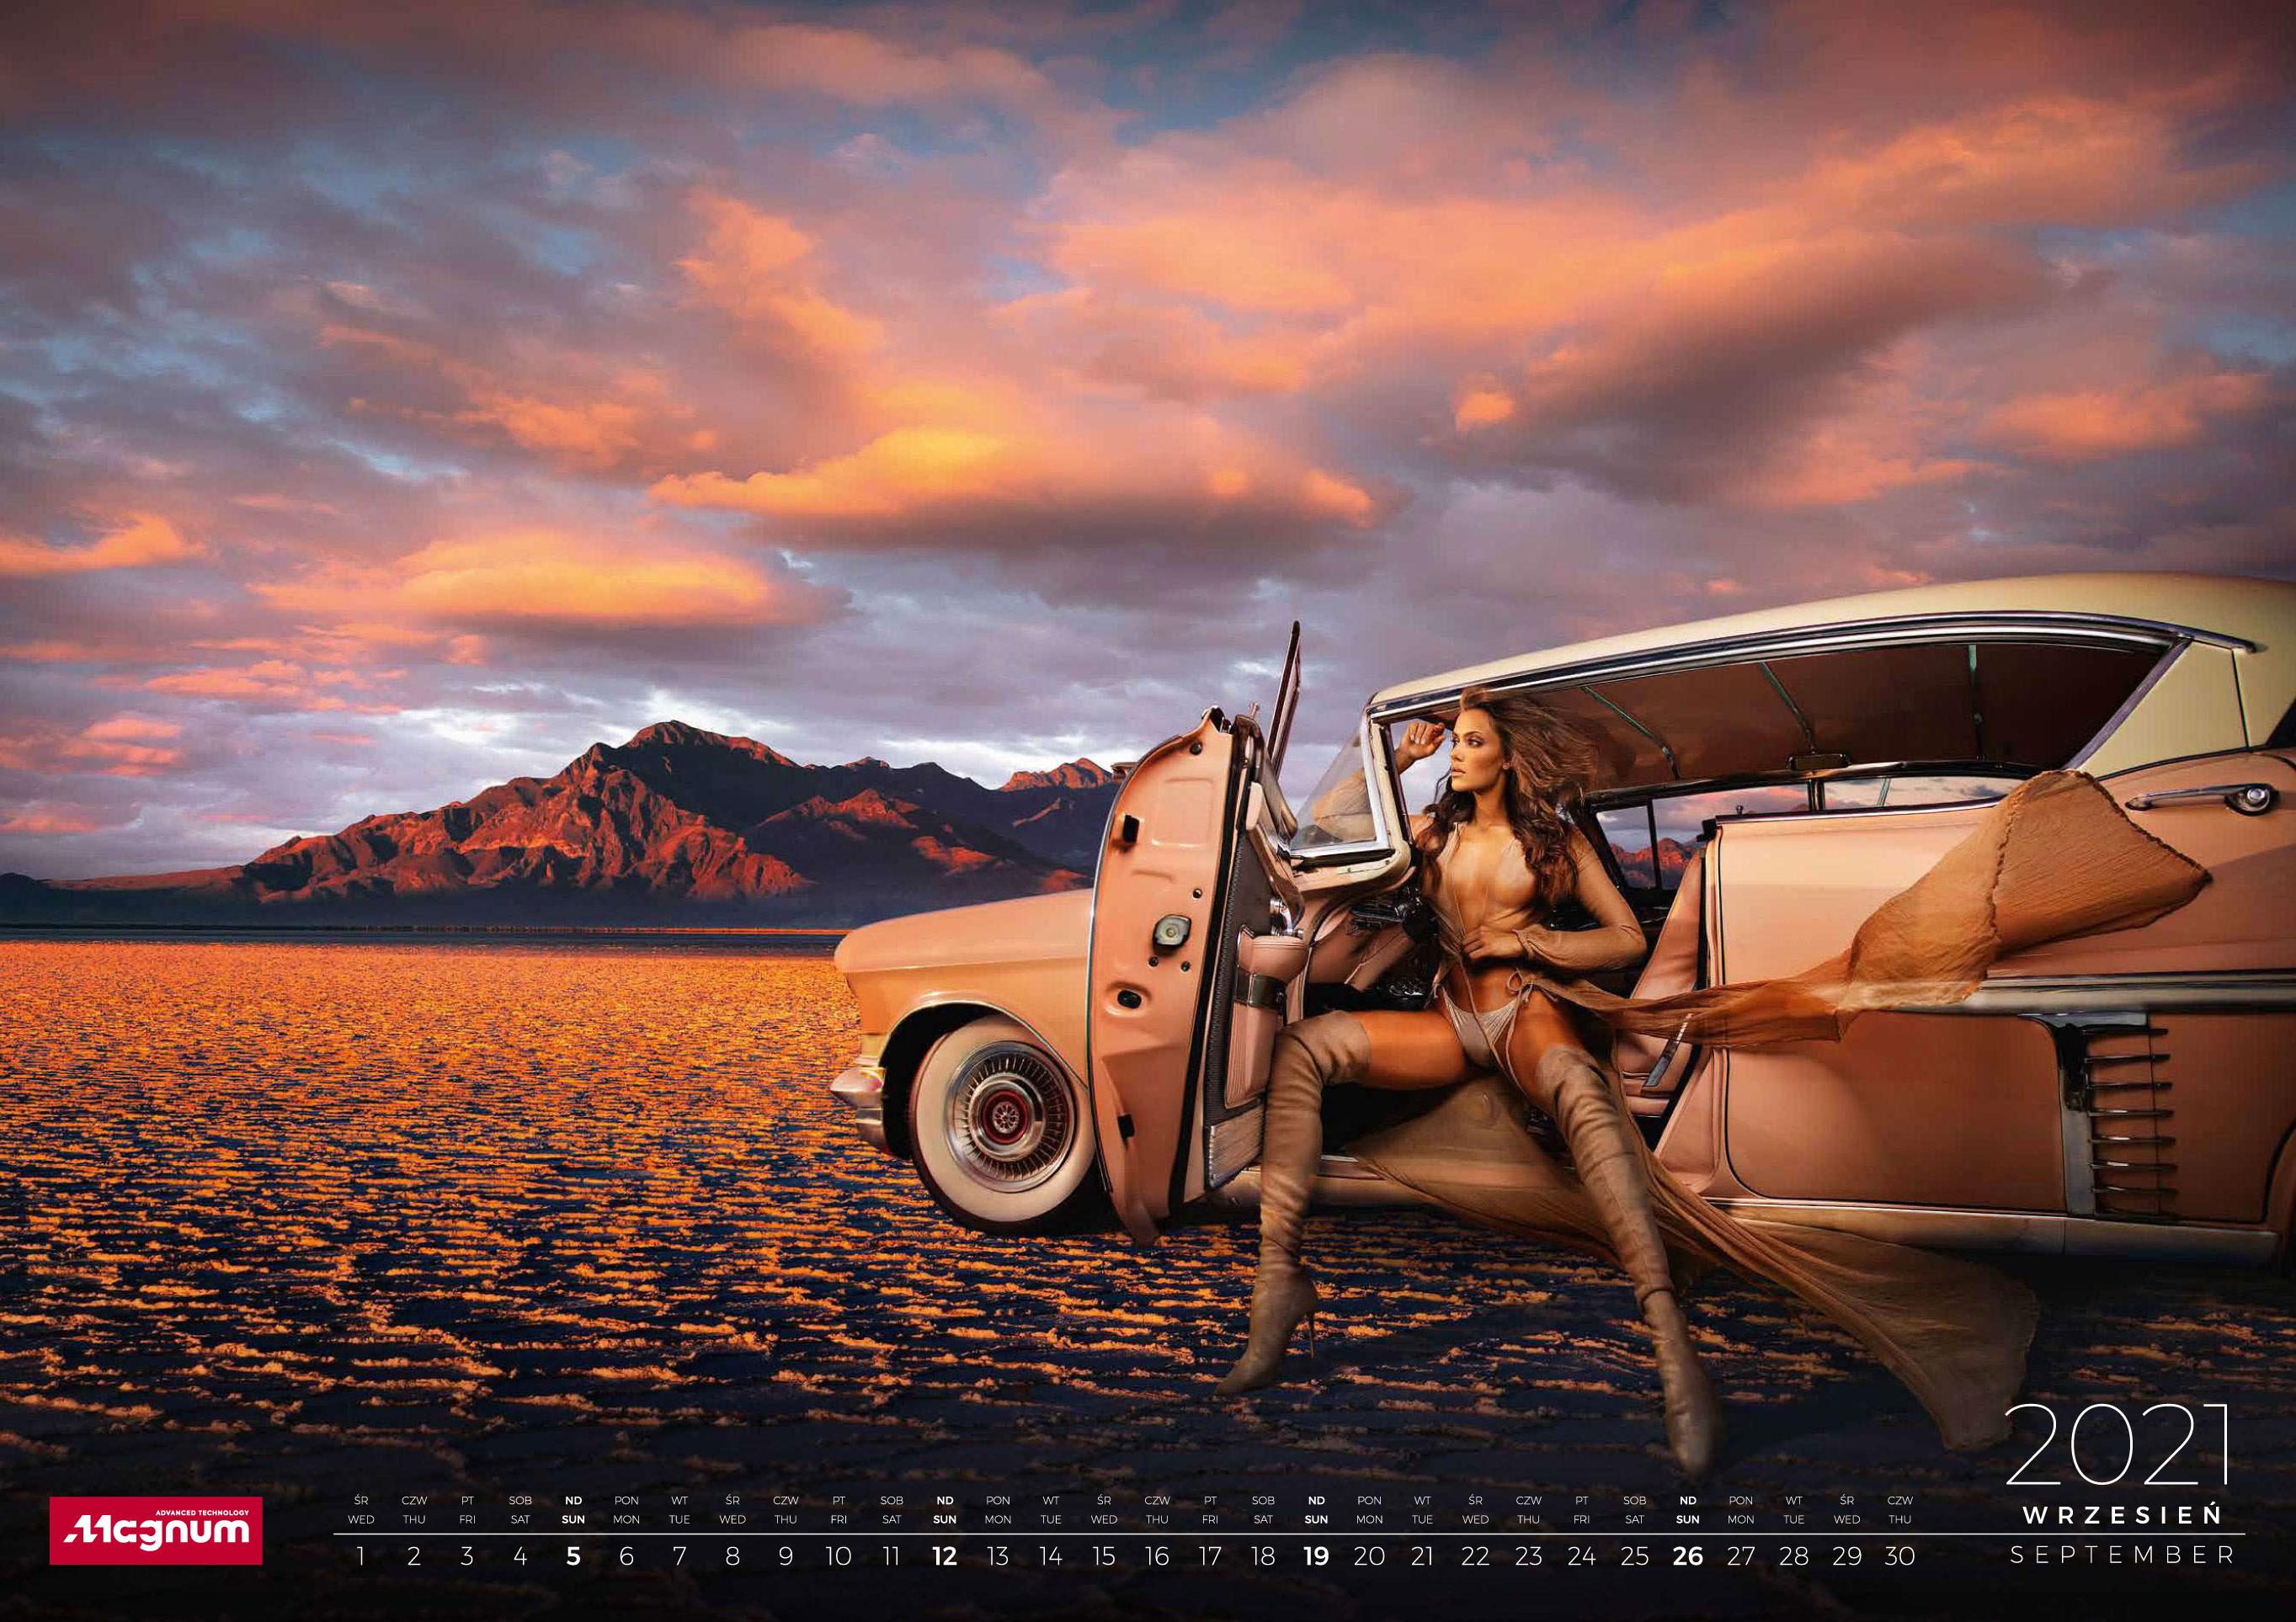 календарь с девушками и автомобилями на 2021 год / сентябрь